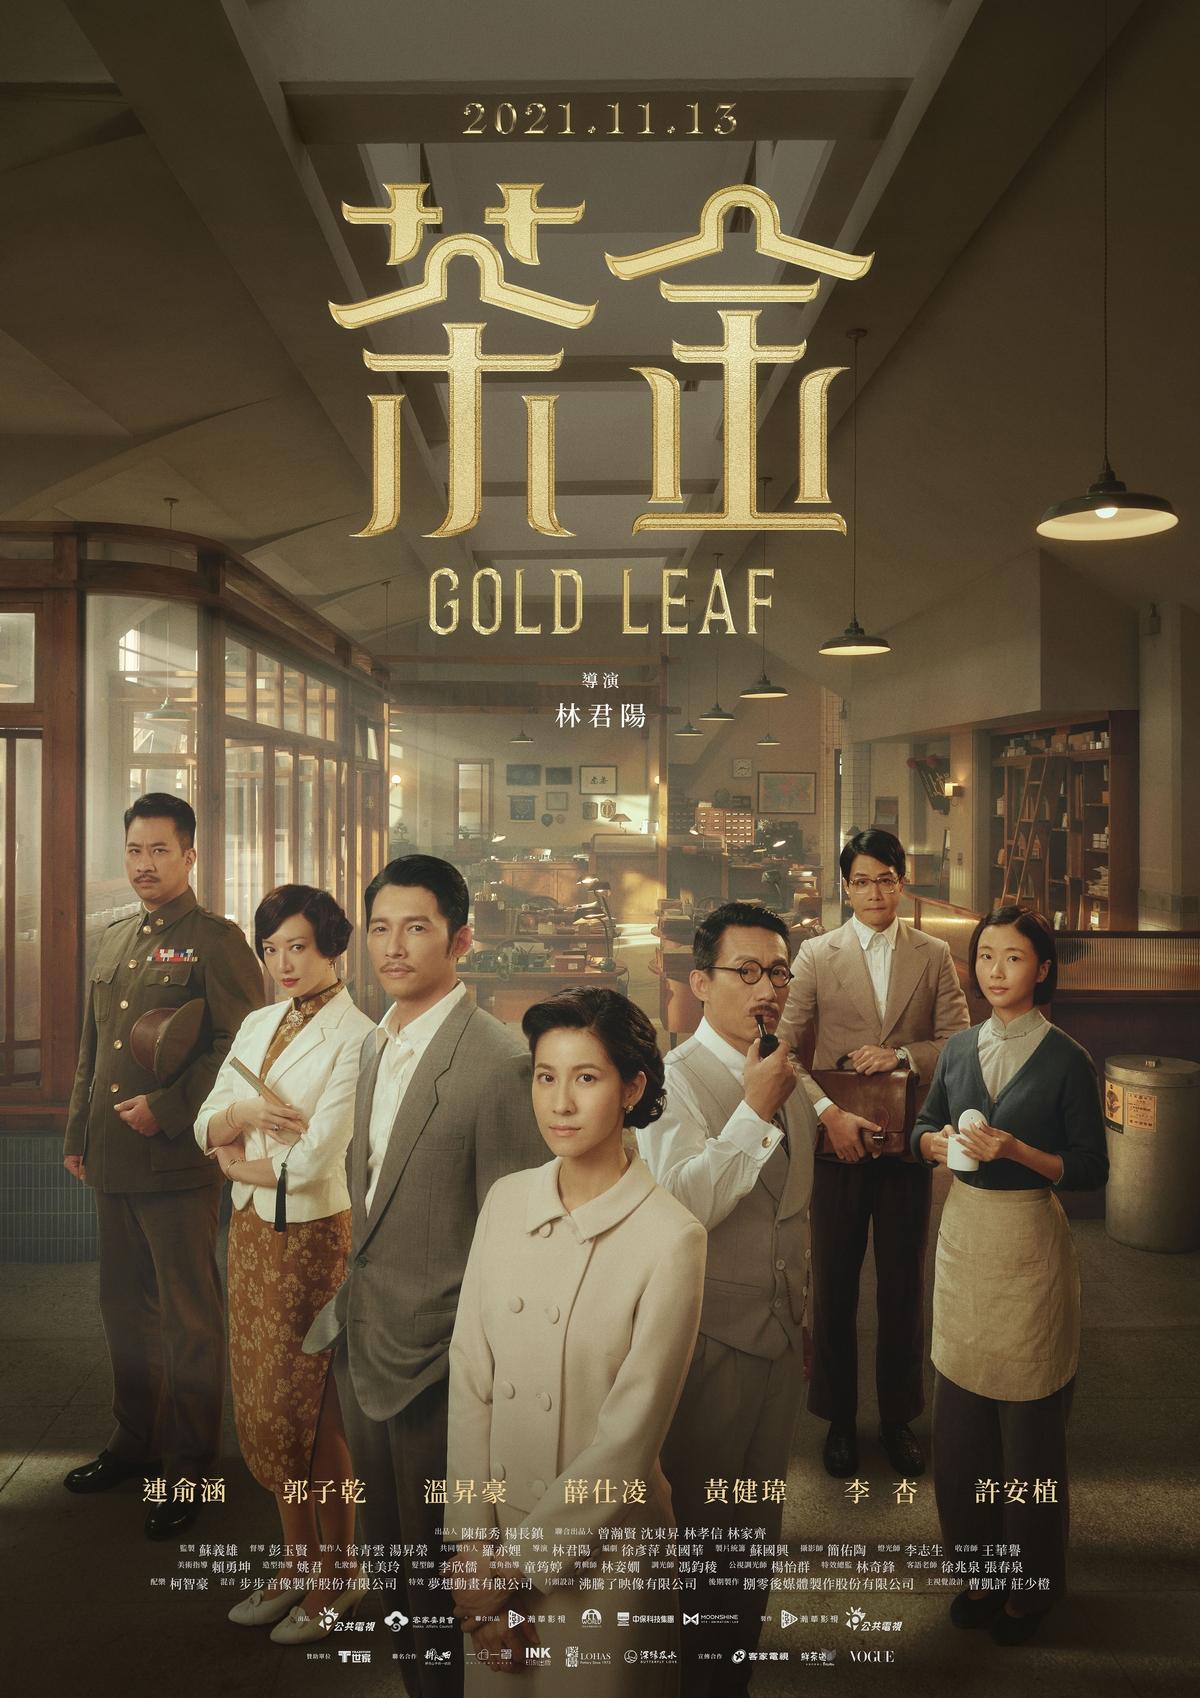 《茶金》正式海報藏魔鬼細節 溫昇豪讚「有台灣版亂世佳人氣勢」